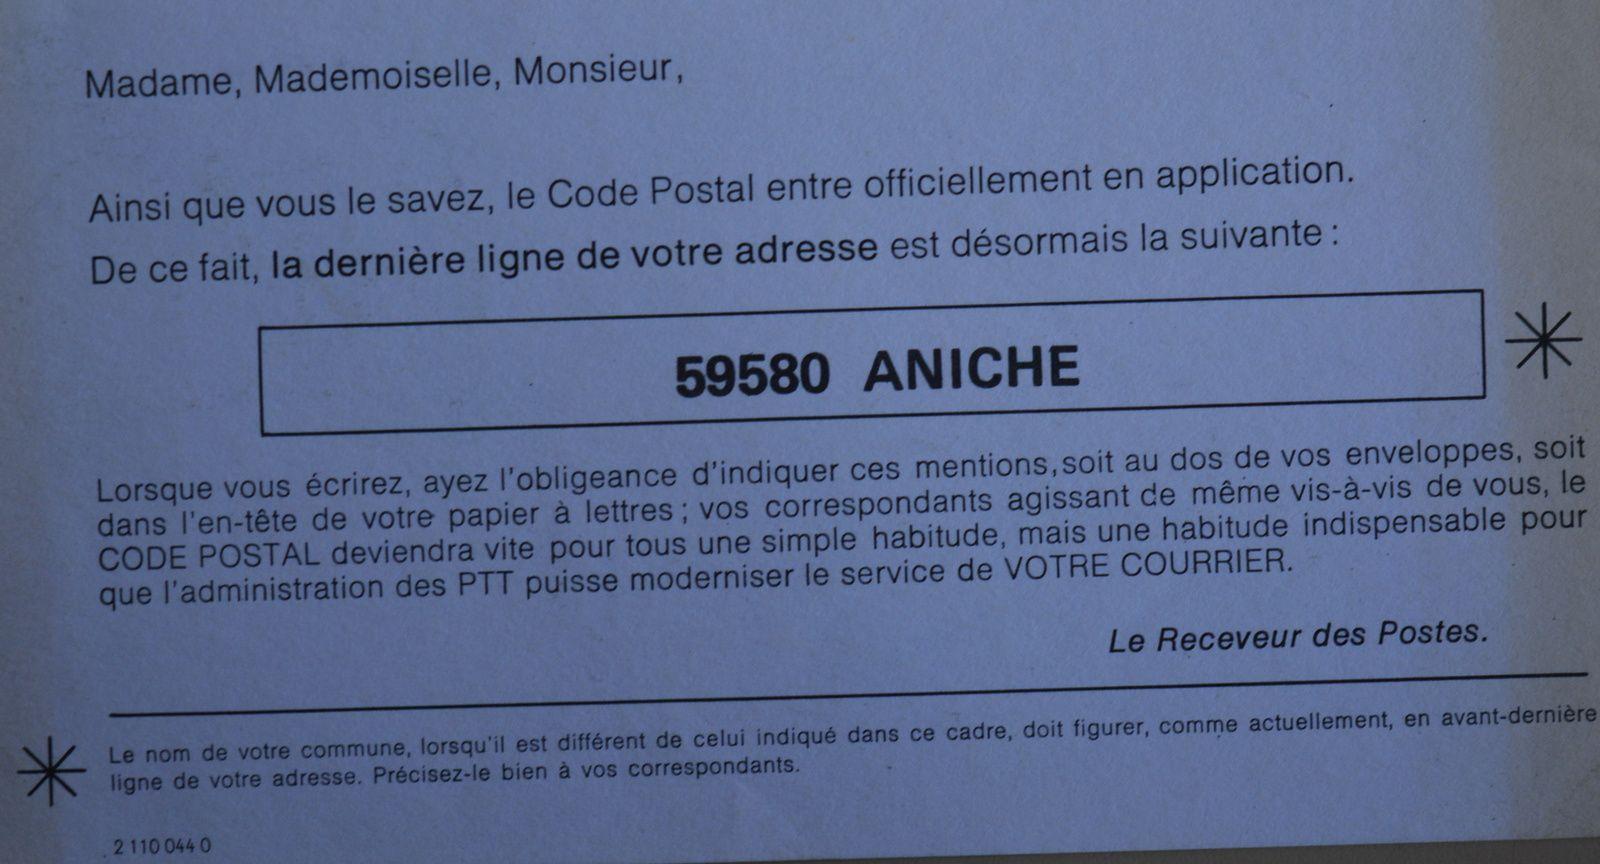 Annonce de la mise en application du code postal d'Aniche par l'administration des PTT ( Postes, Télégraphes et Téléphones), 1972.